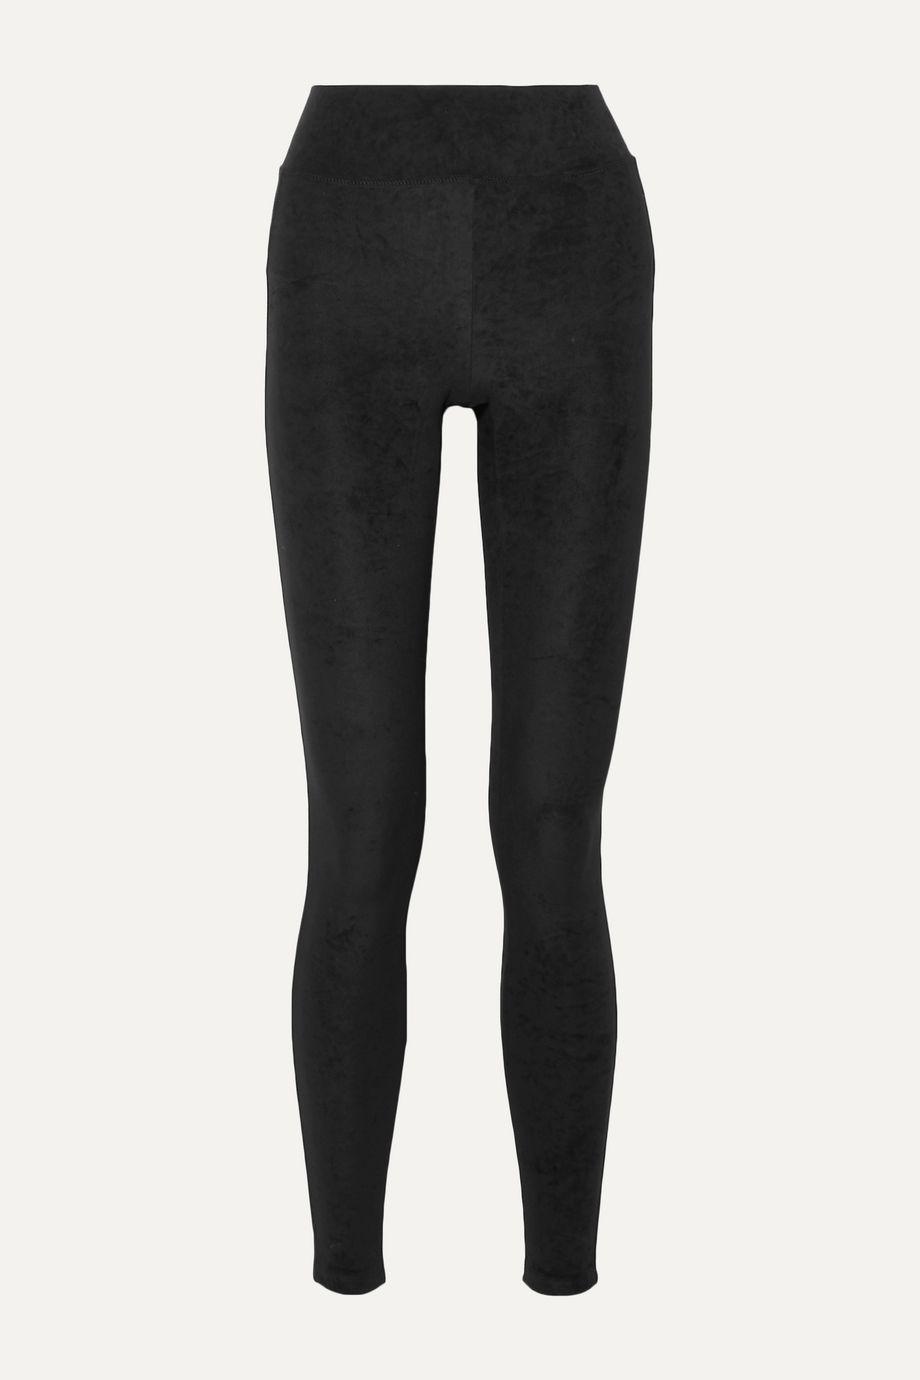 James Perse Stretch-velvet leggings